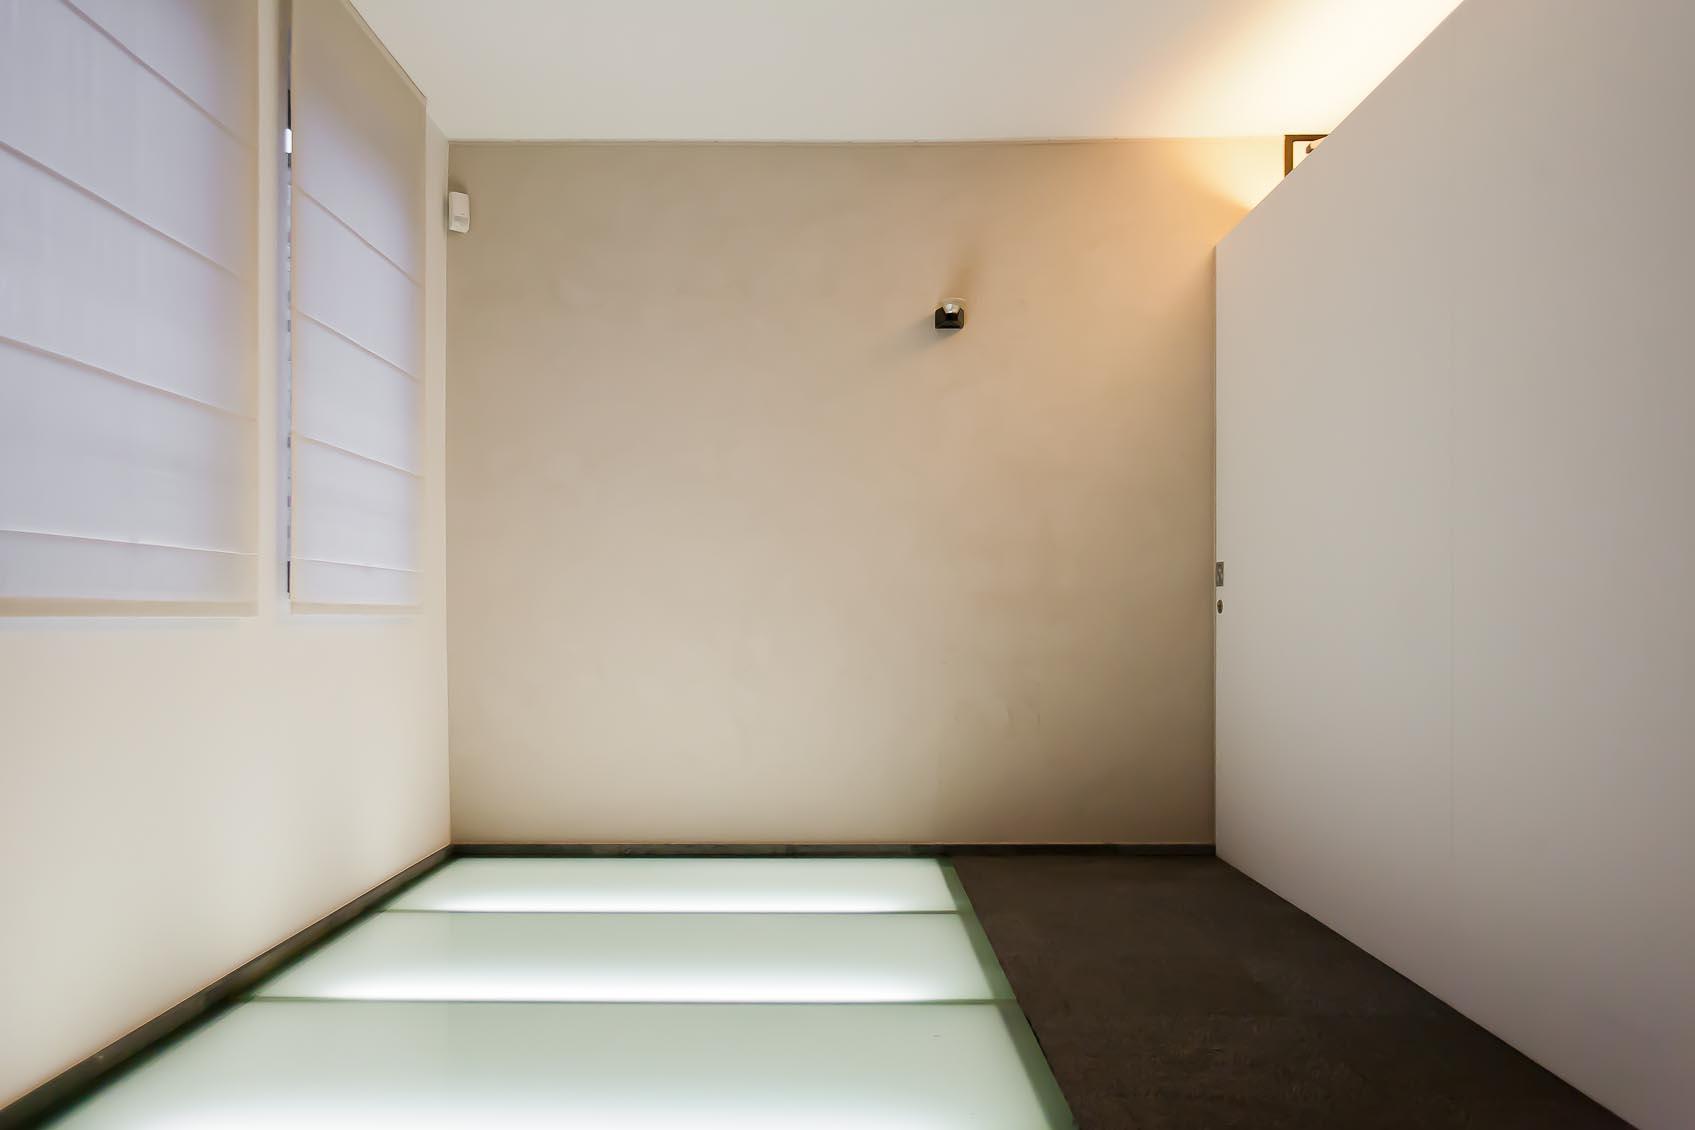 Door lichtadvies in ontwerpfase is licht in glazen vloer constructief mee geconstrueerd